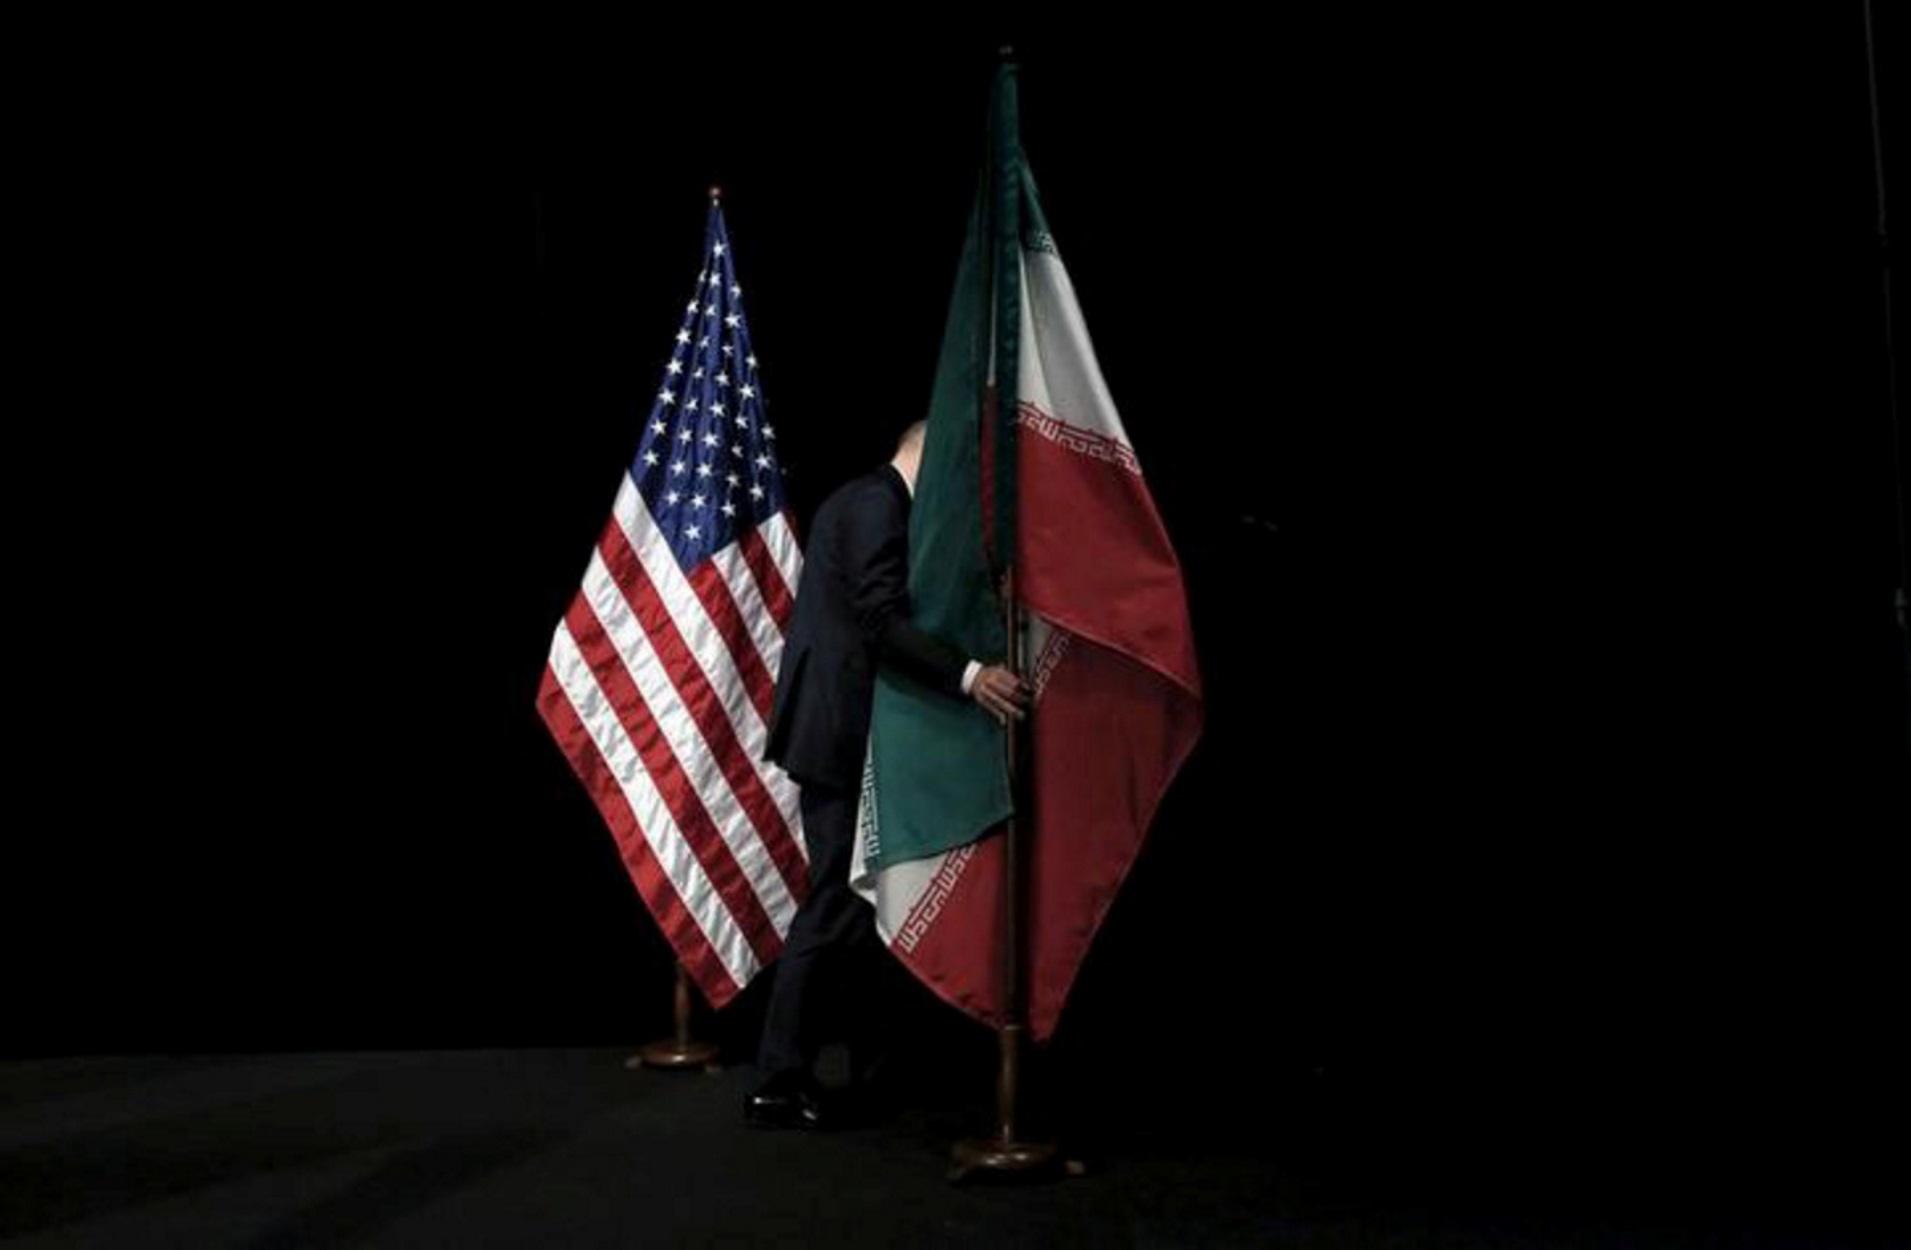 Μπλόκο των ΗΠΑ στον Υπ. Εξωτερικών του Ιράν για το Συμβούλιο Ασφαλείας του ΟΗΕ!